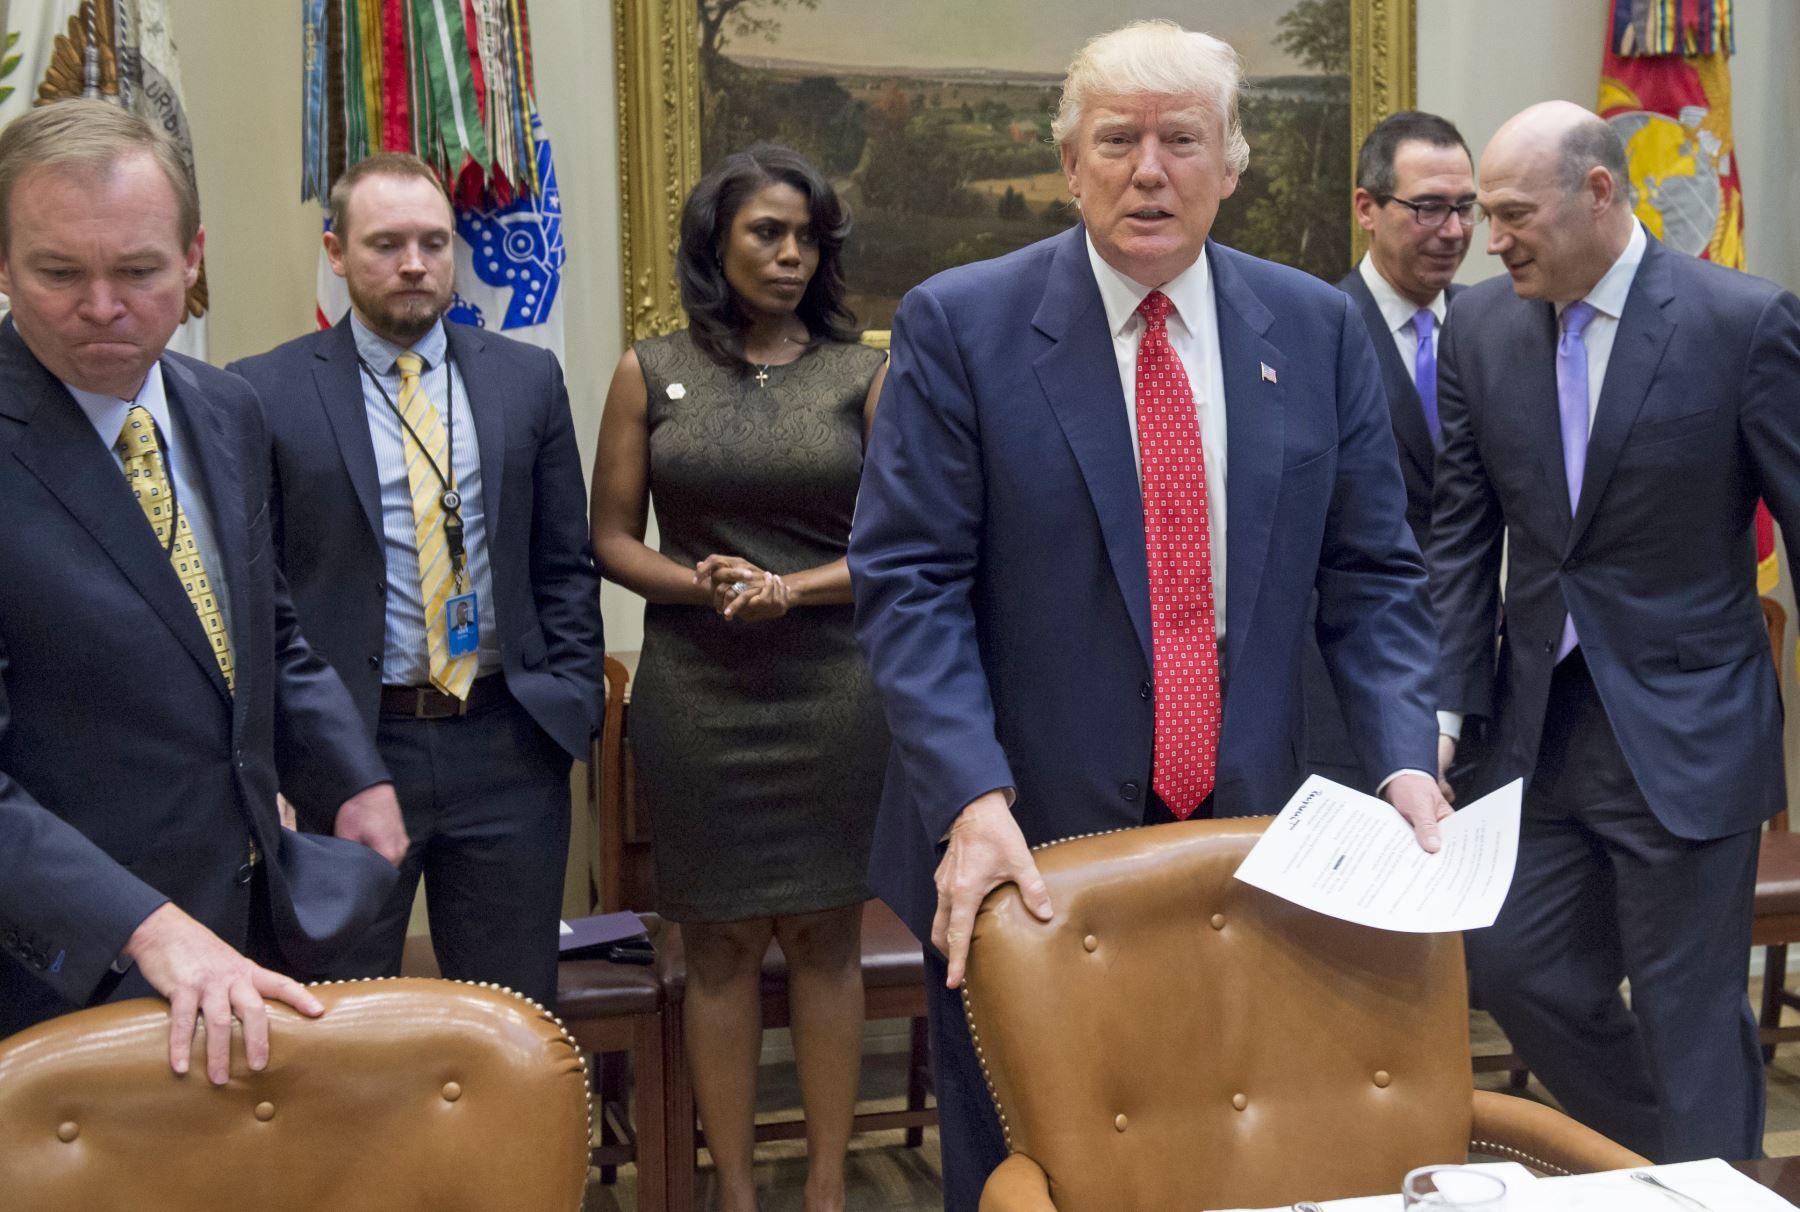 El Presidente de los Estados Unidos, Donald Trump, se reúne por el presupuesto federal en la Sala Roosevelt de la Casa Blanca en Washington. Foto: AFP